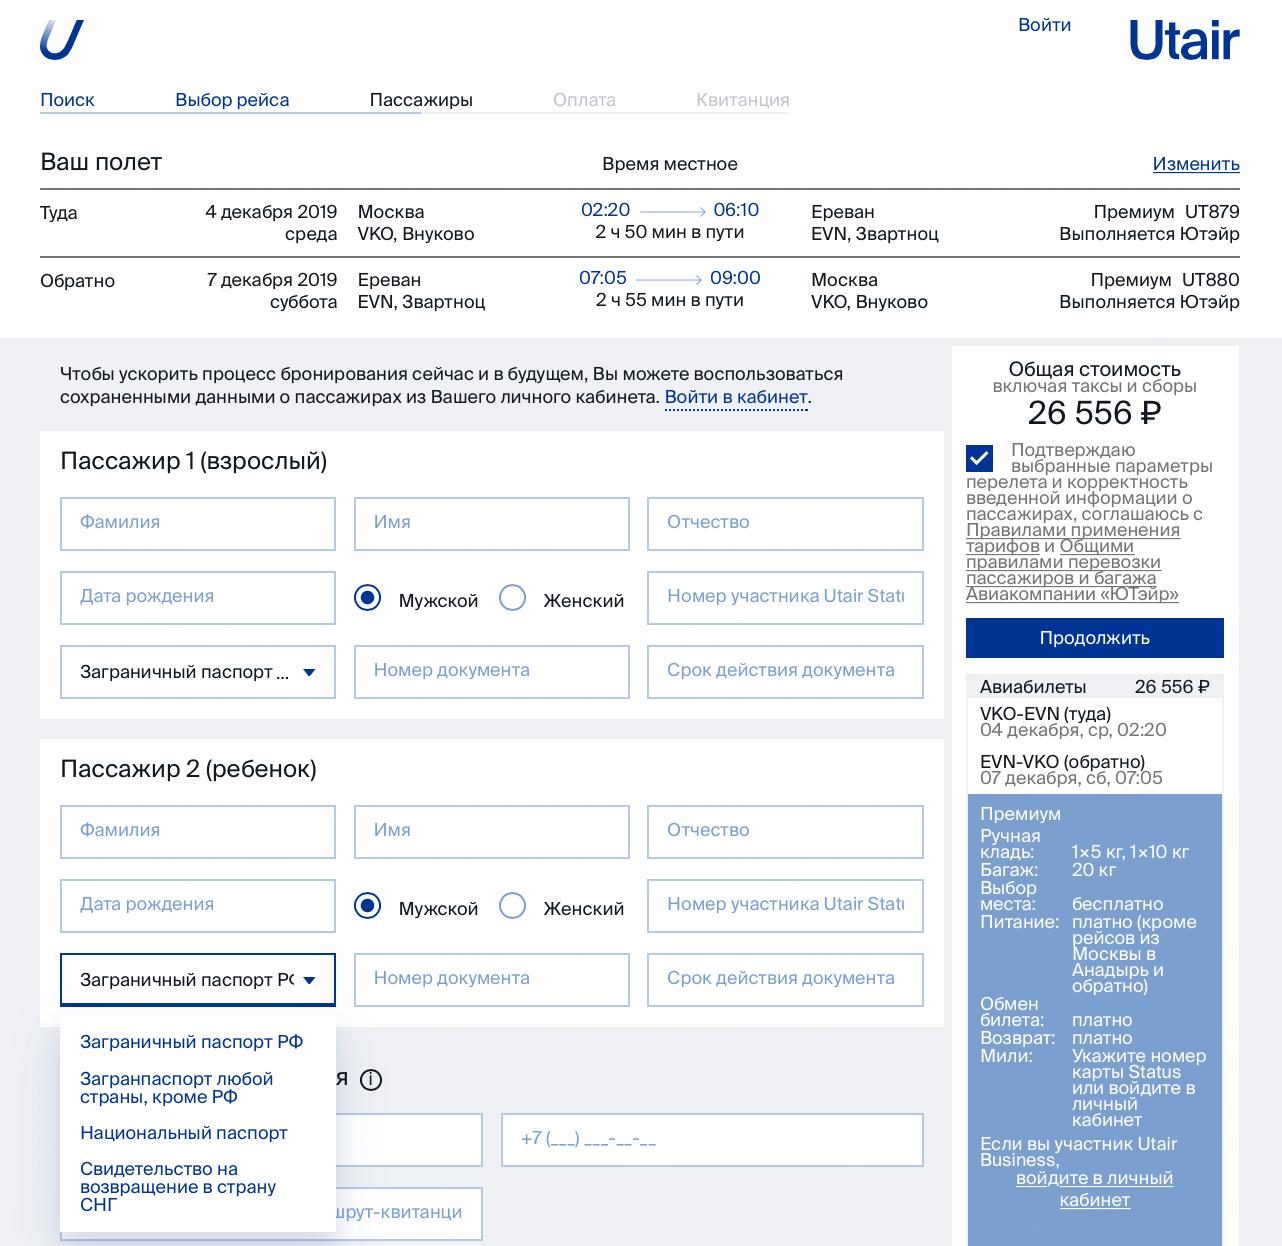 Насайте компании «Ютэйр» проездные документы дляребенка одинаковые дляпоездки ивБерлин, ивЕреван